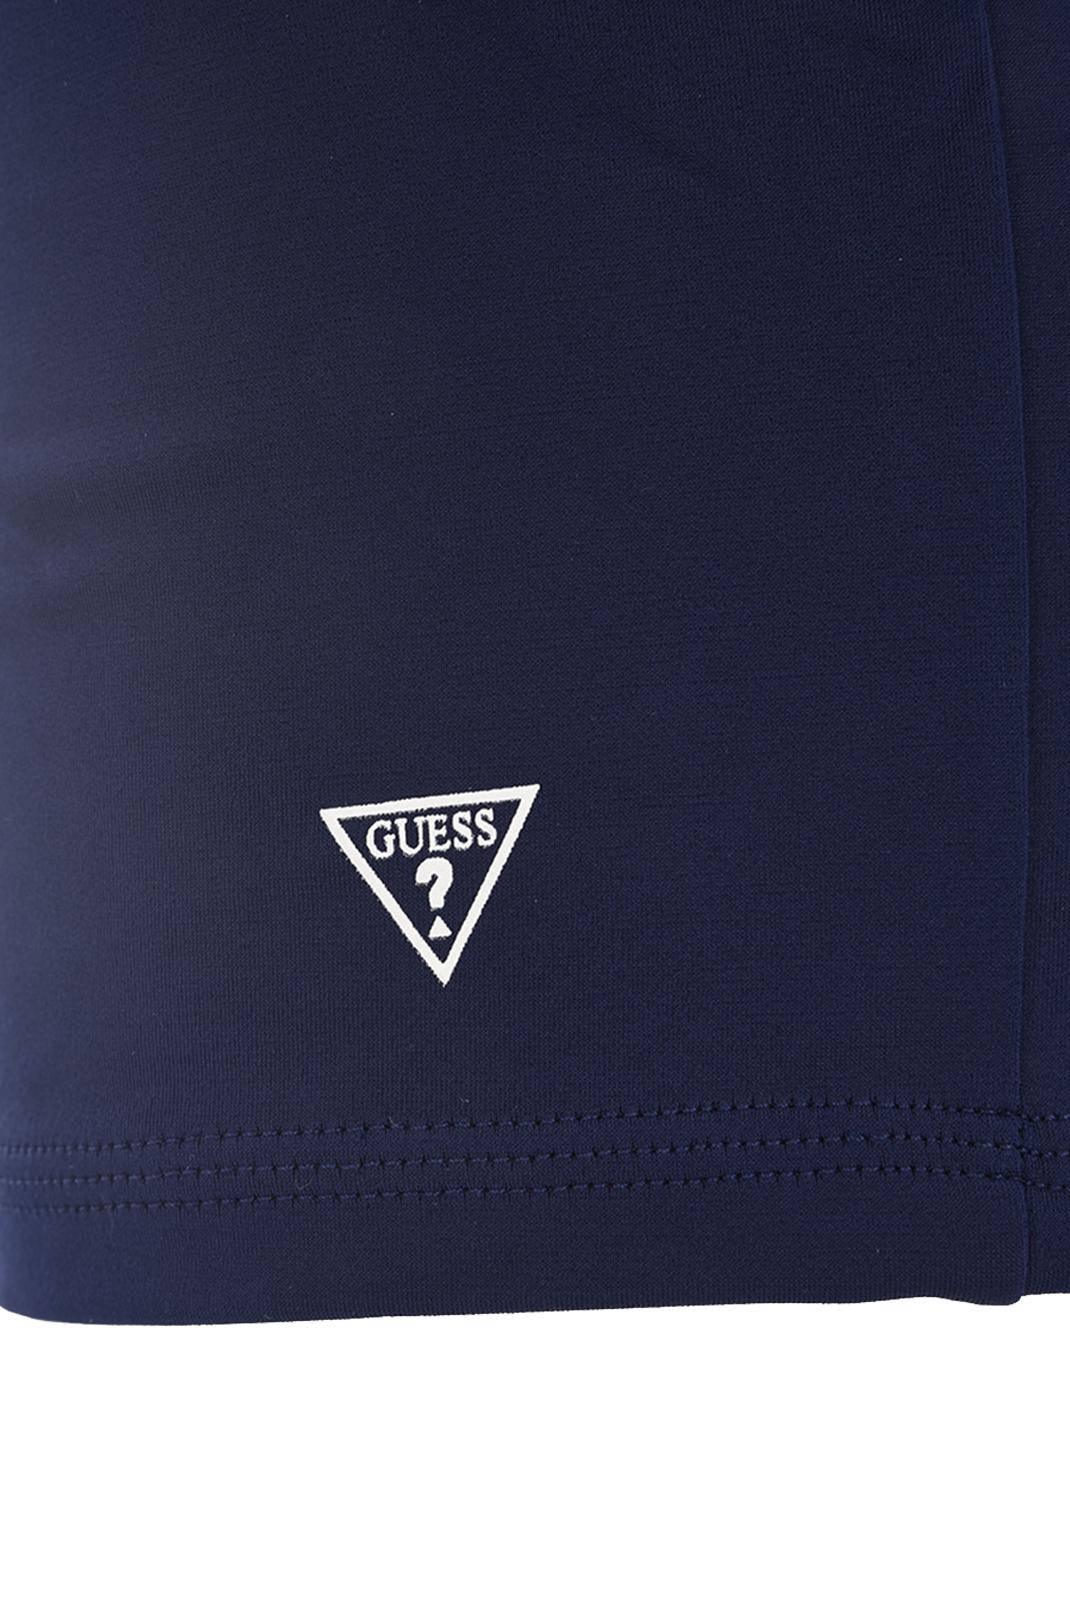 Shorts de bain  Guess jeans F82S02 LY006 C765 DECK BLUE